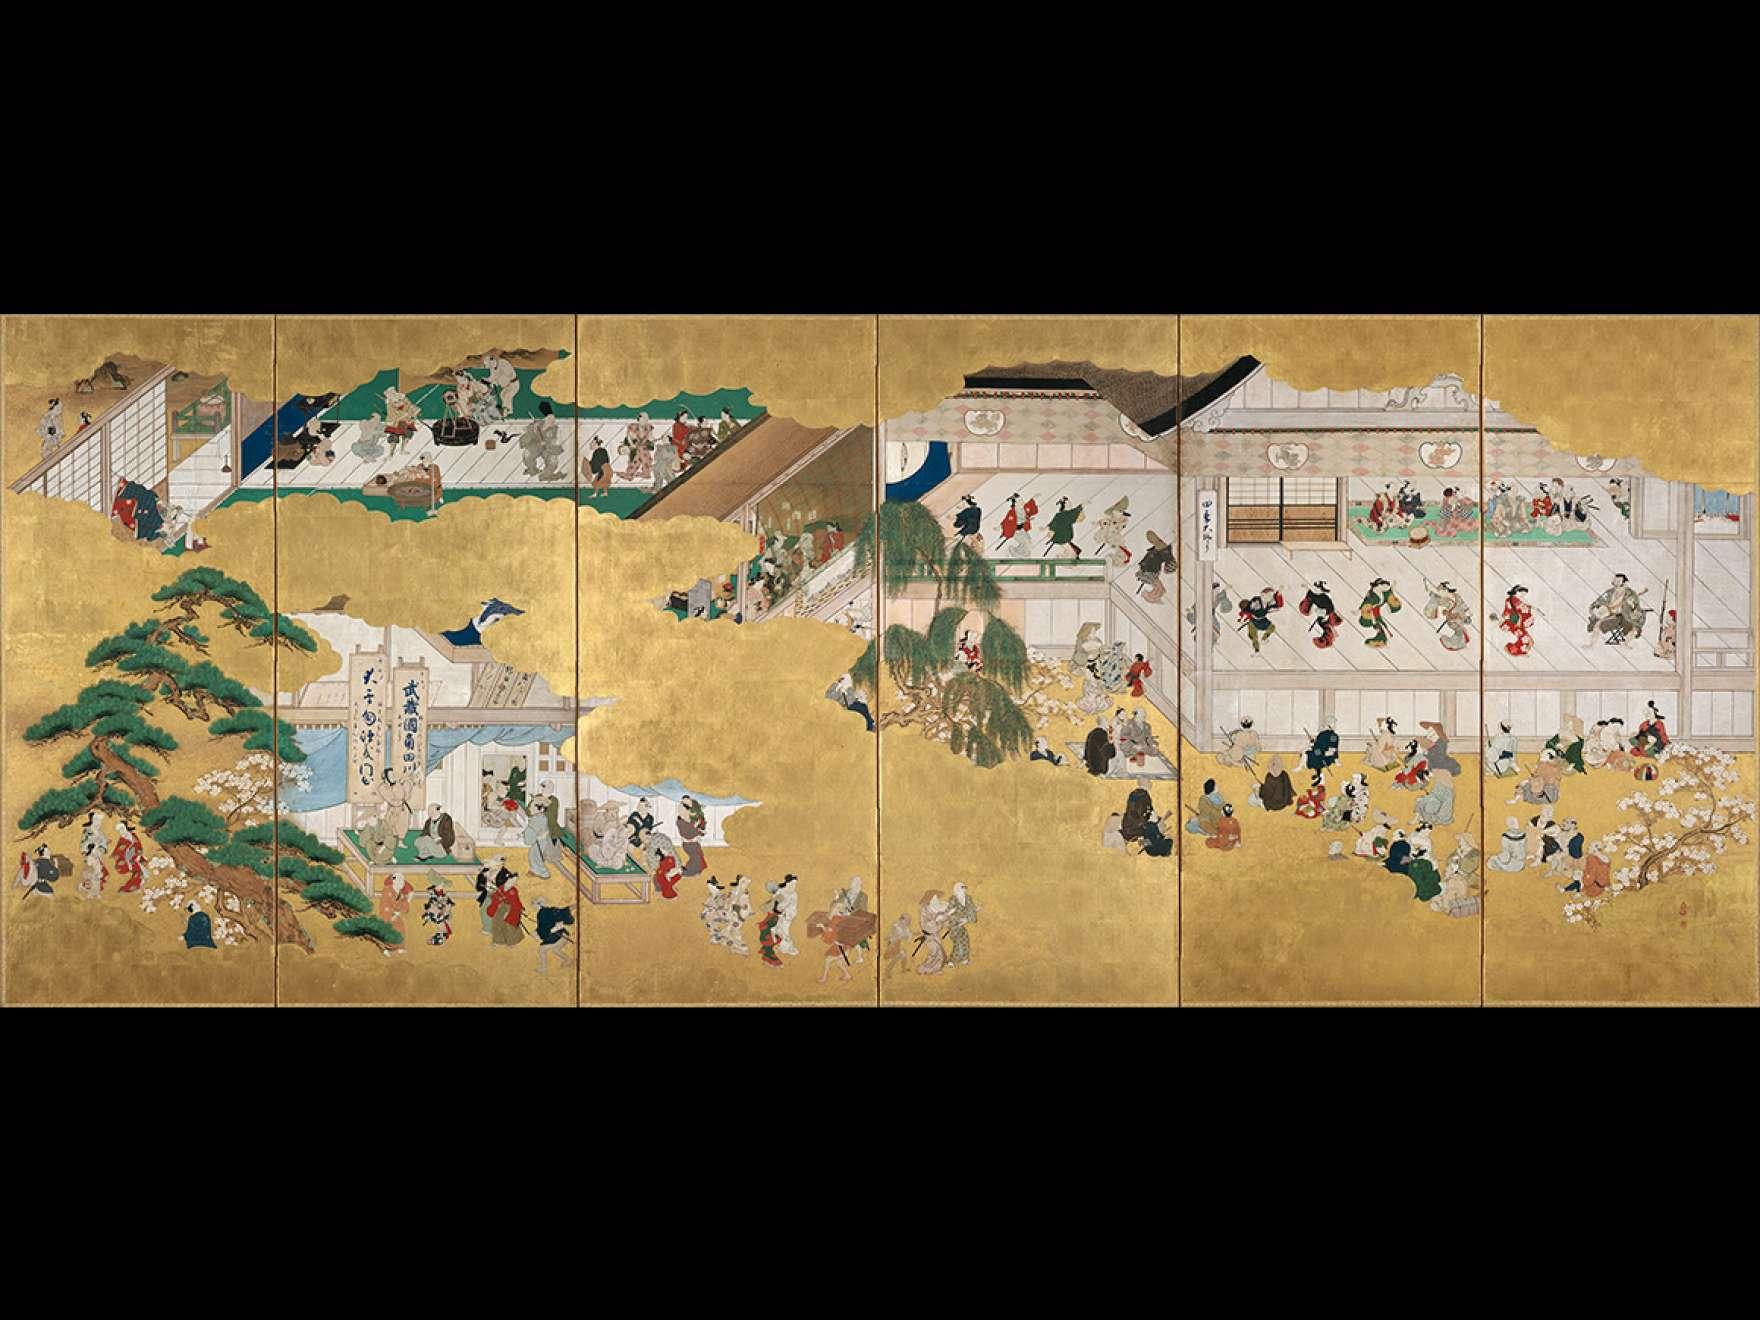 Attributed to Hishikawa Moronobu, Scenes from the Nakamura Kabuki Theater, 1684–1704